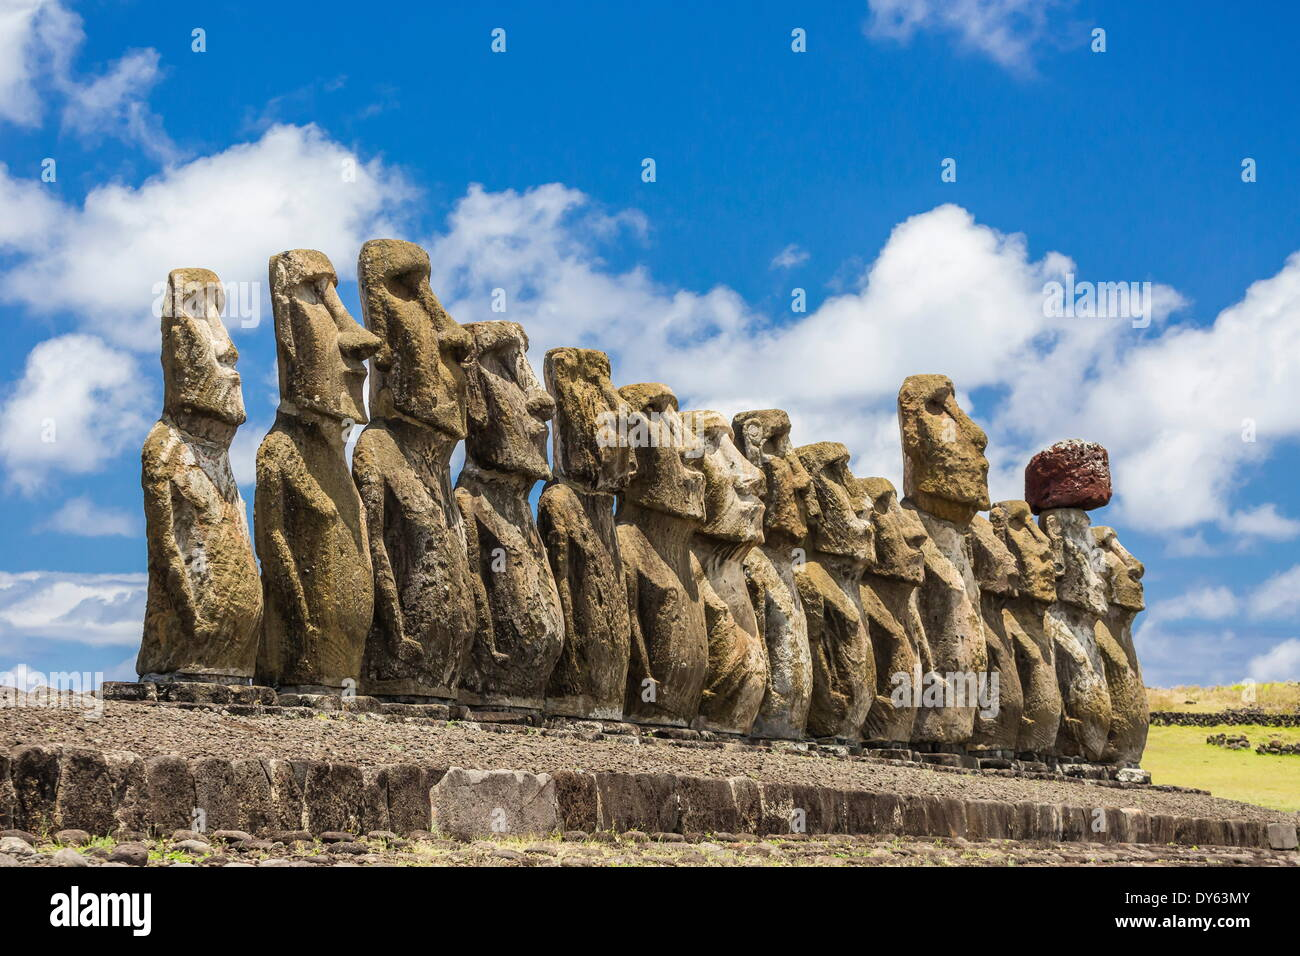 Quince moais restaurados en el sitio ceremonial de Ahu Tongariki en la Isla de Pascua (Isla de Pascua) (Rapa Nui), la UNESCO Sitio, Chile Imagen De Stock